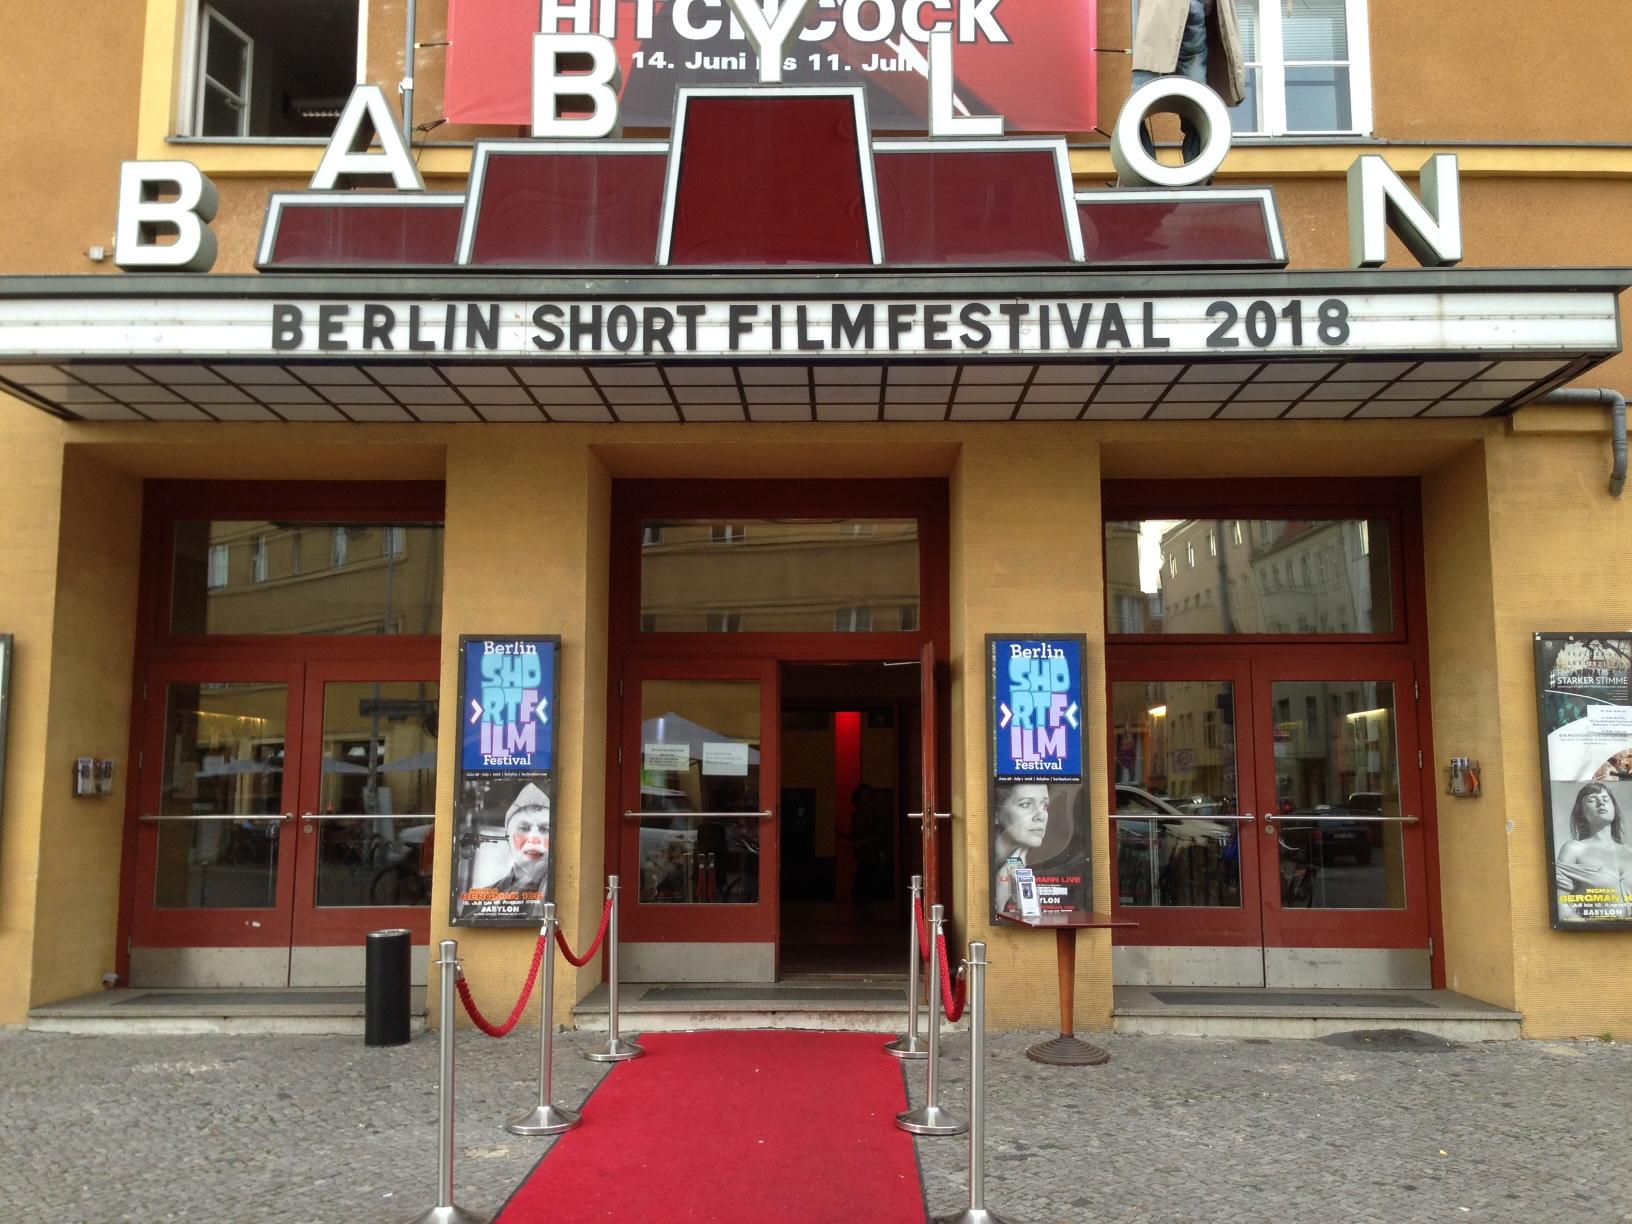 News | Berlin Short Film Festival